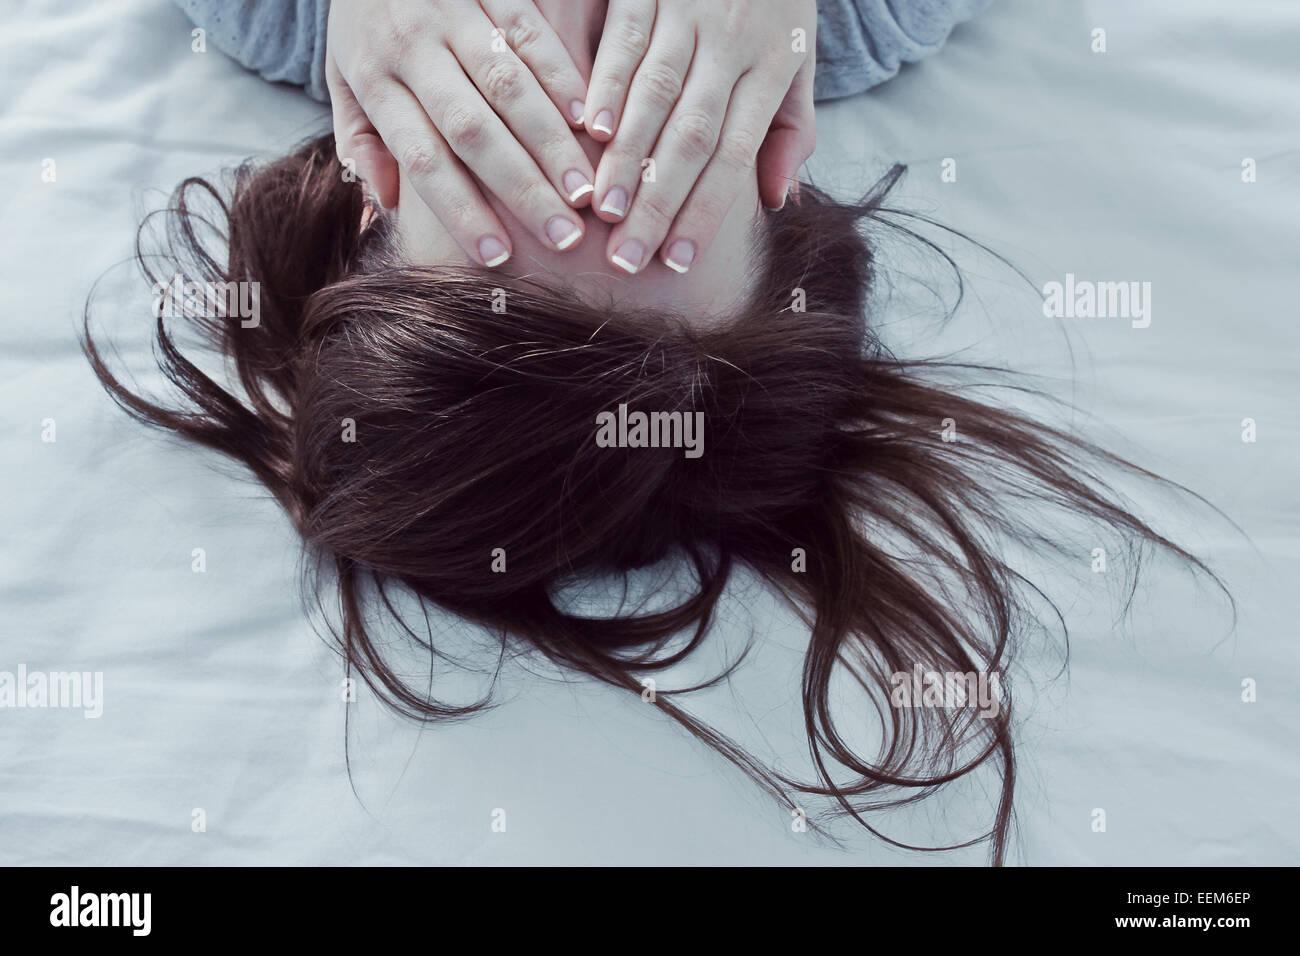 La mujer acostada en la cama cubriendo sus ojos con las manos Foto de stock